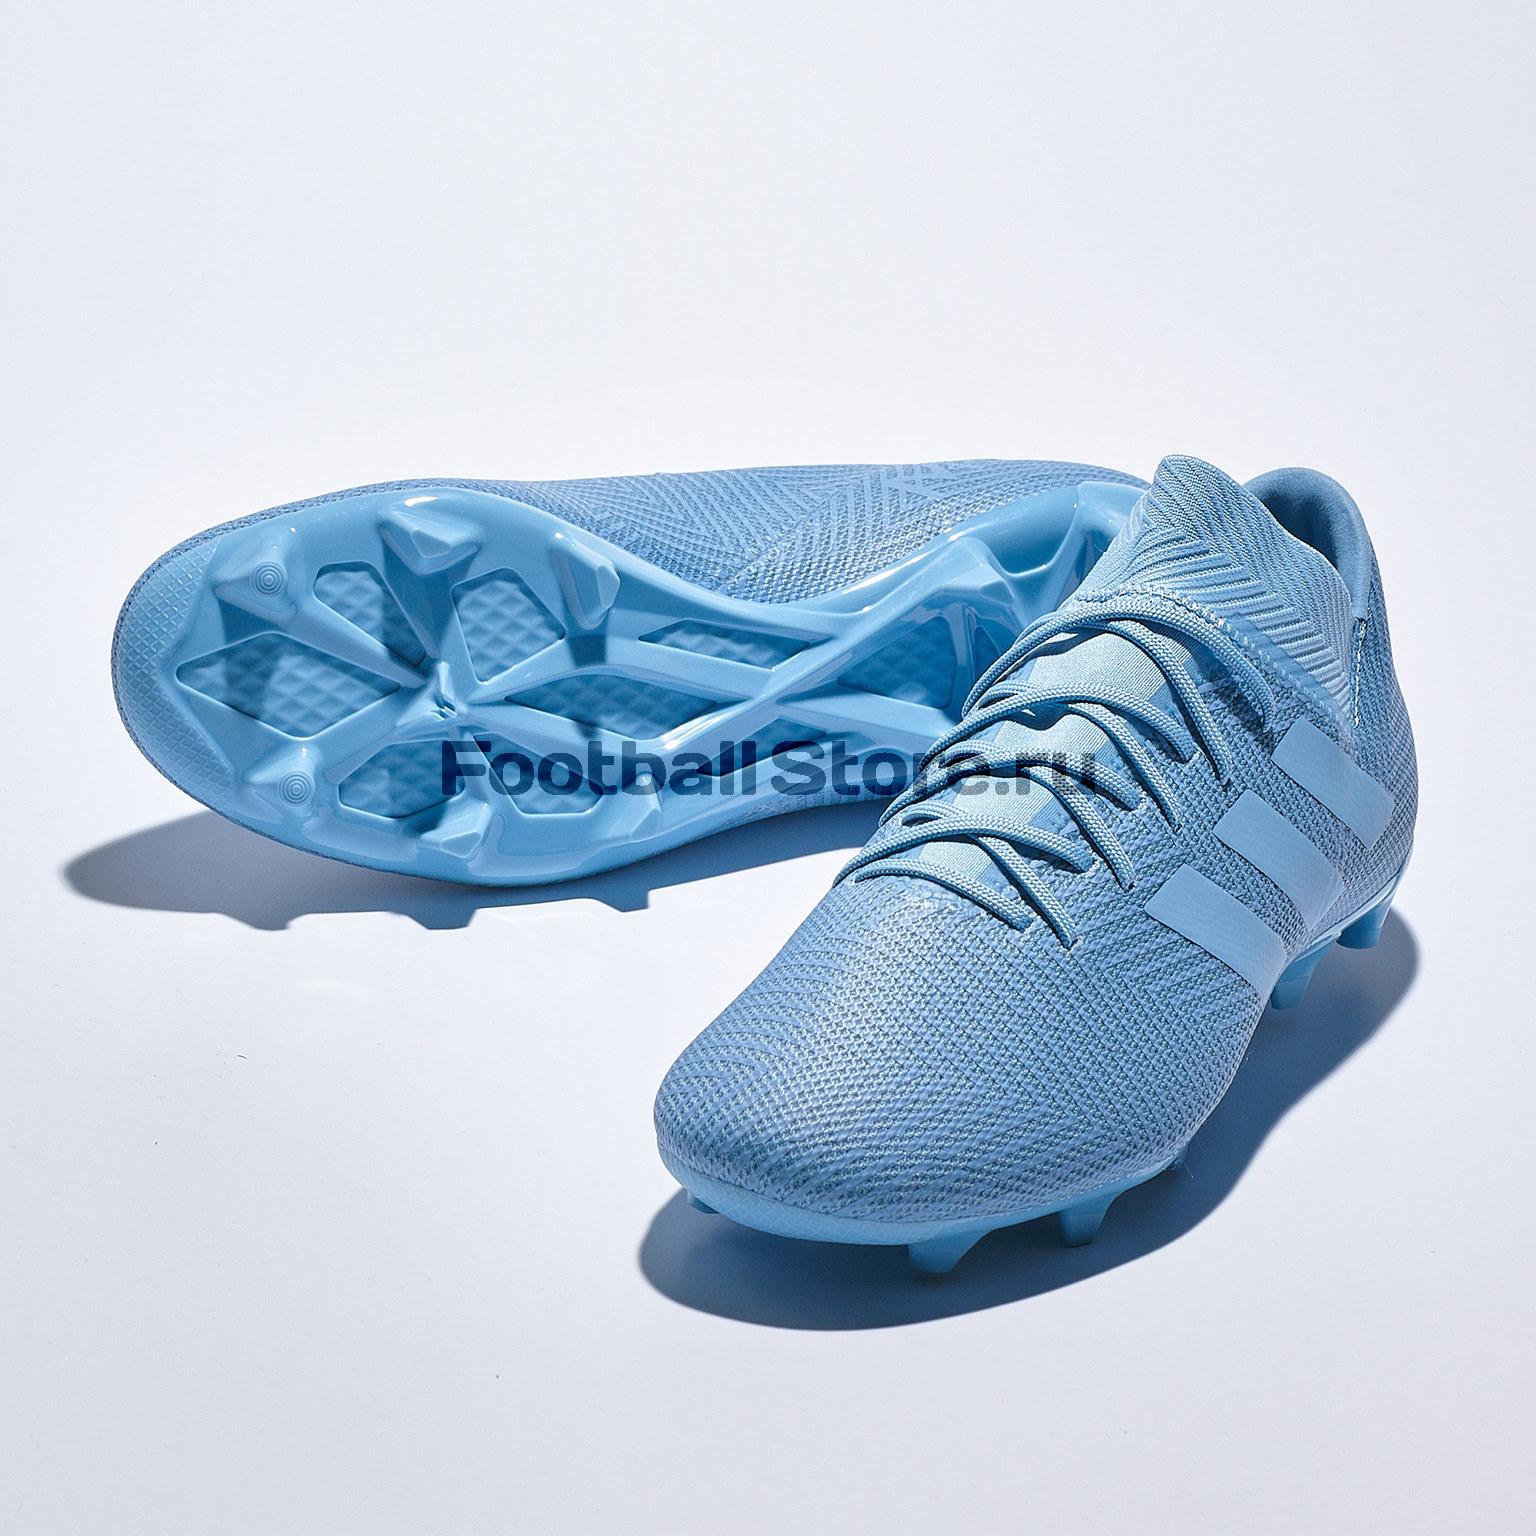 86d475f8 Бутсы Adidas Nemeziz Messi 18.3 FG DB2112 – купить бутсы в интернет ...